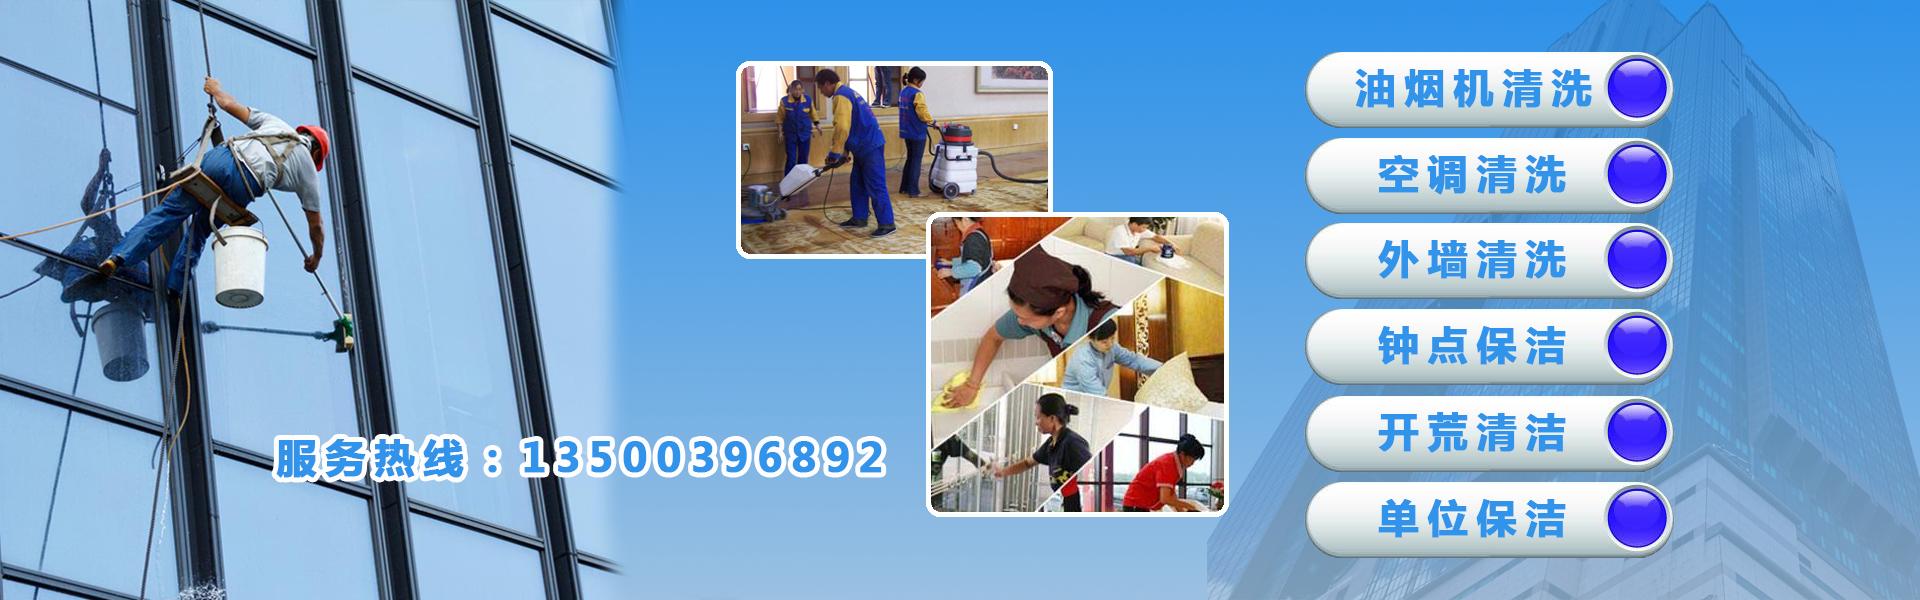 重庆正海清洁服务有限责任公司服务热线:13500396892